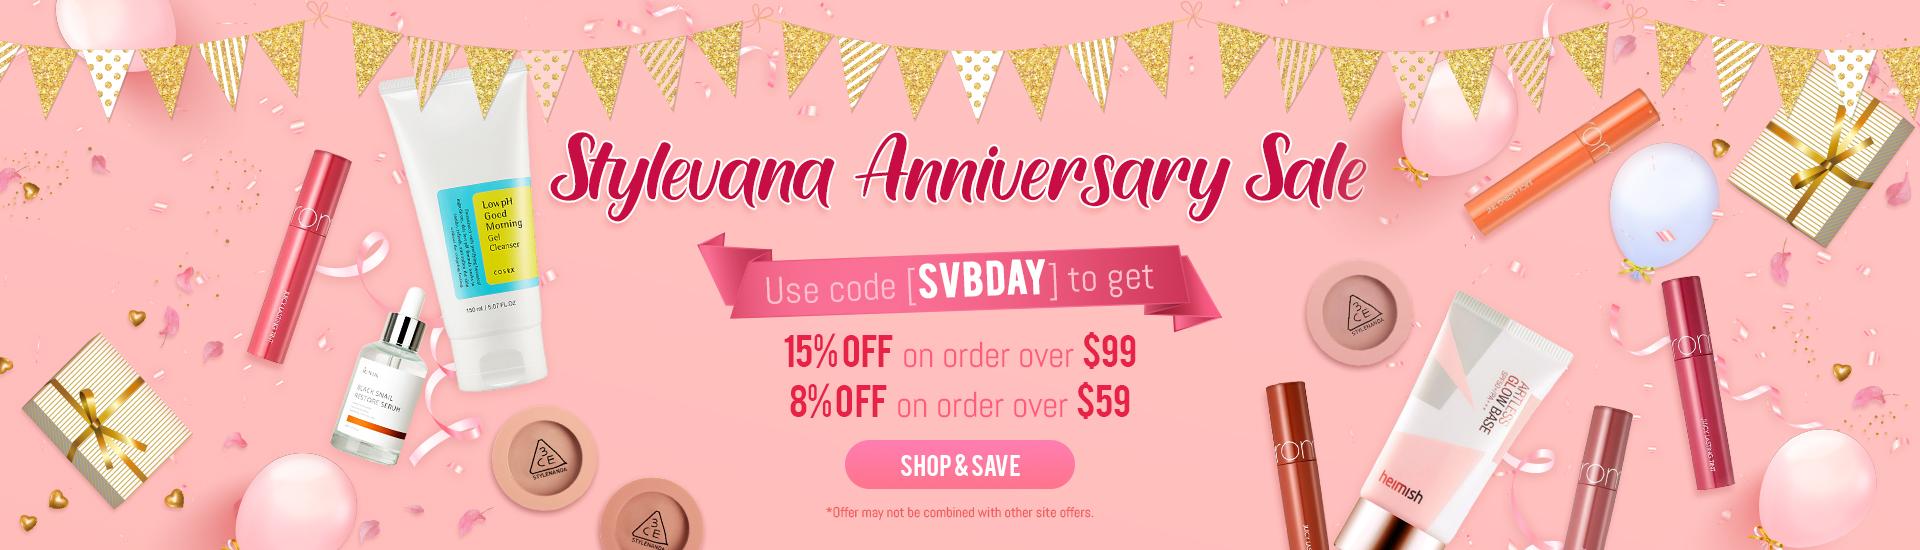 Stylevana Anniversary Sale